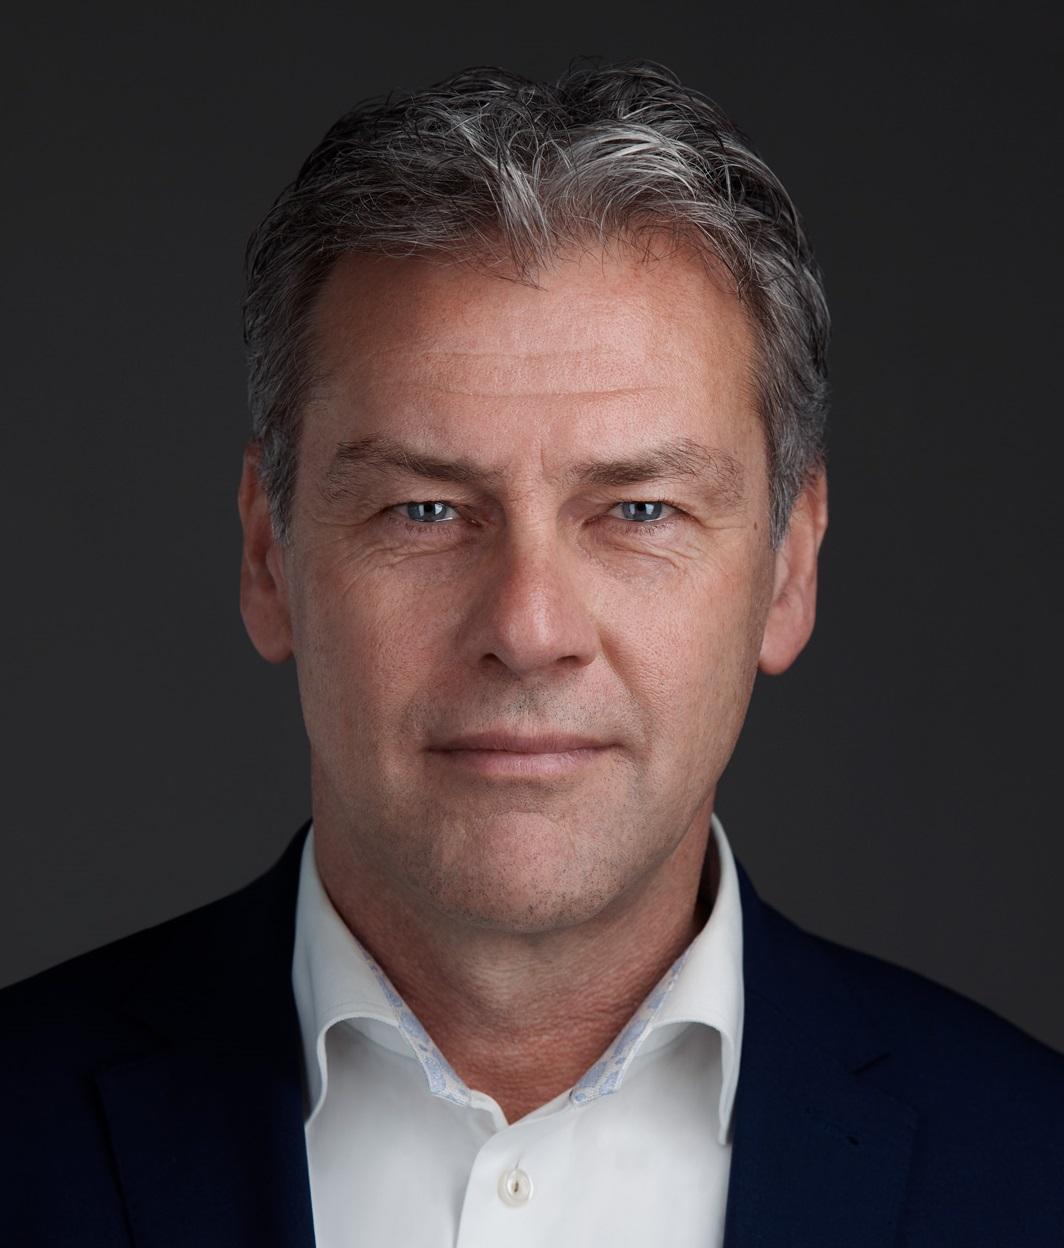 Marcel Boekhorst